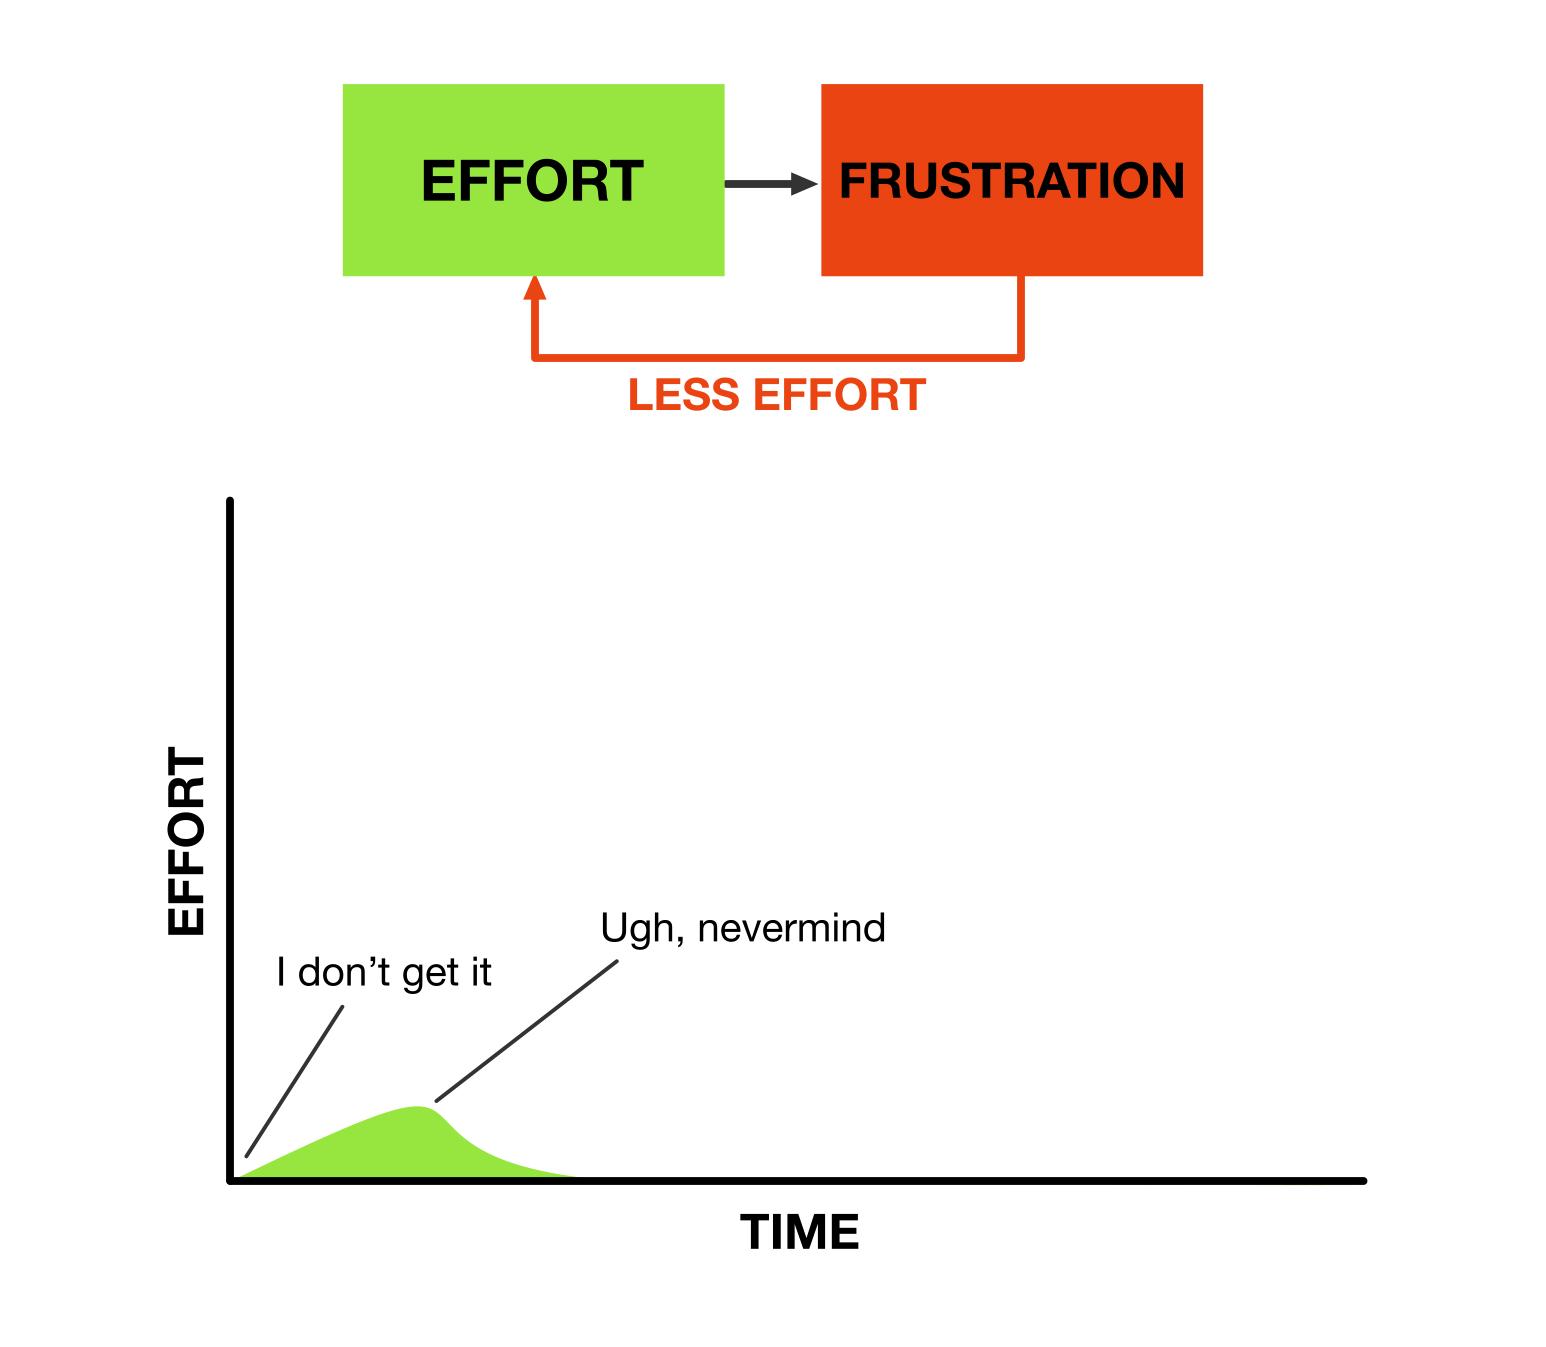 Effort over time: Frustration